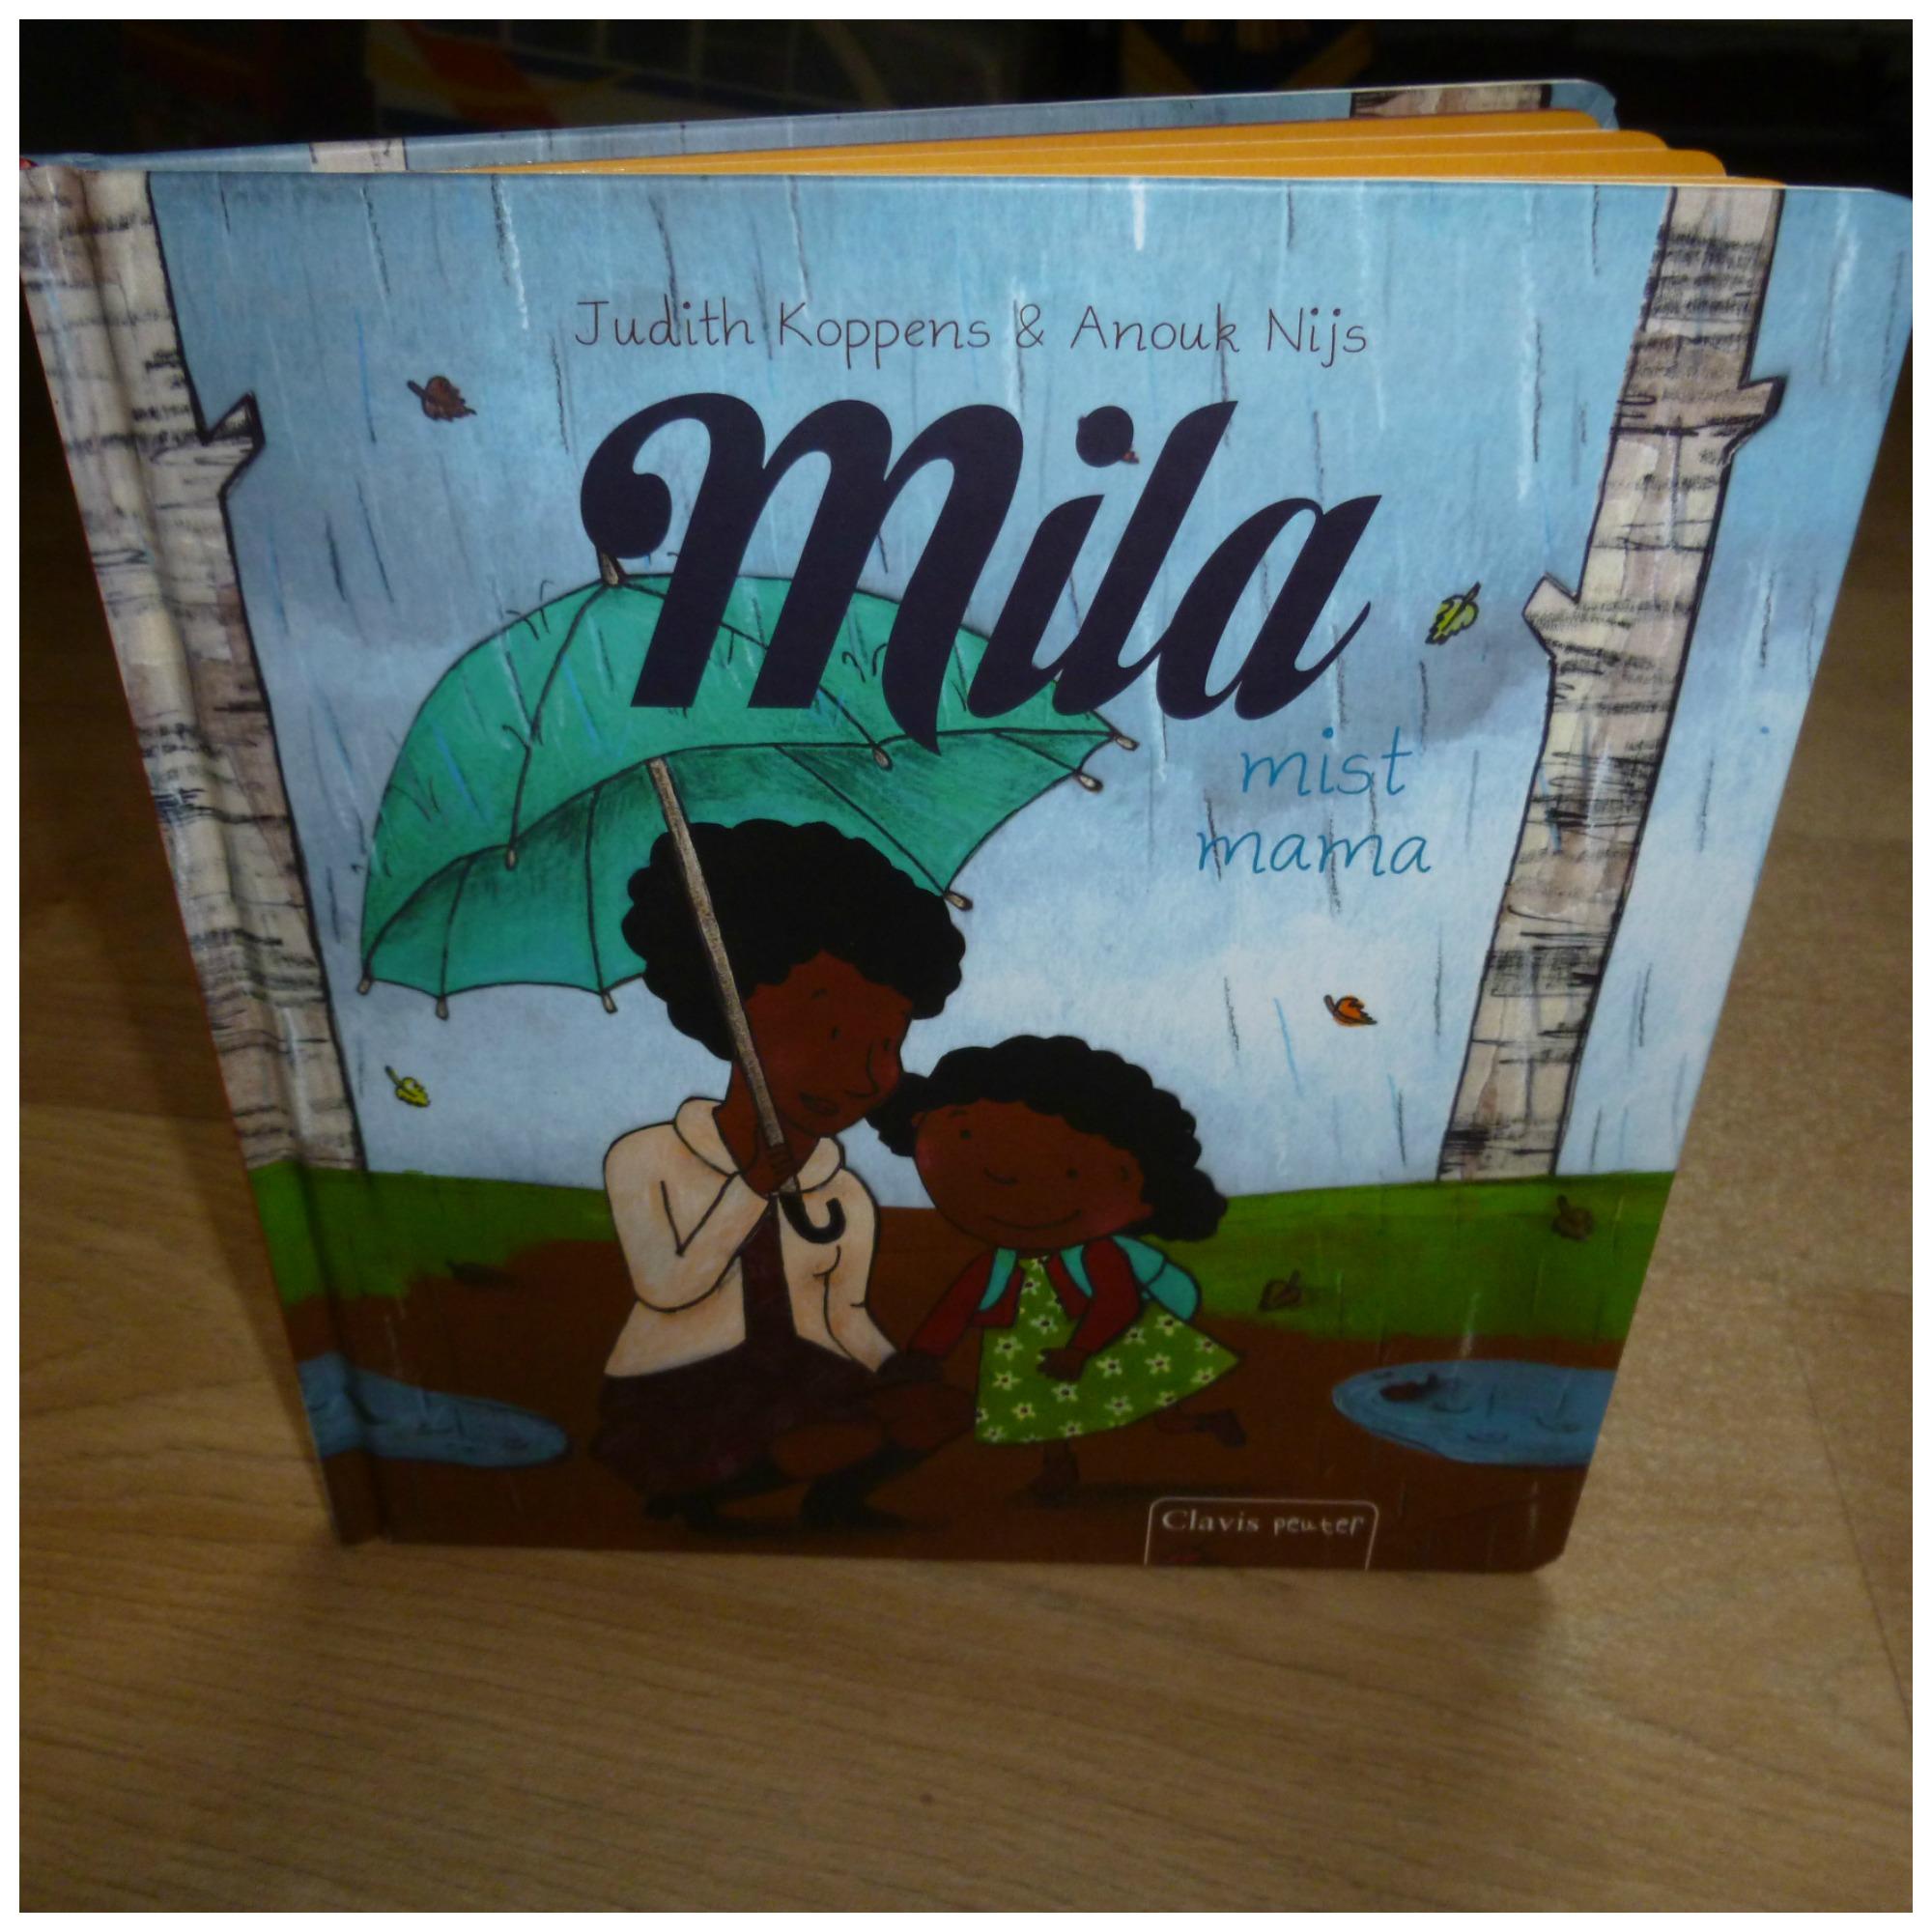 f44320ee48d Mila mist mama Judith Koppens Clavis prentenboek recensie review emoties  buikpijn puzzel spelen juf vertederend eenvoudig